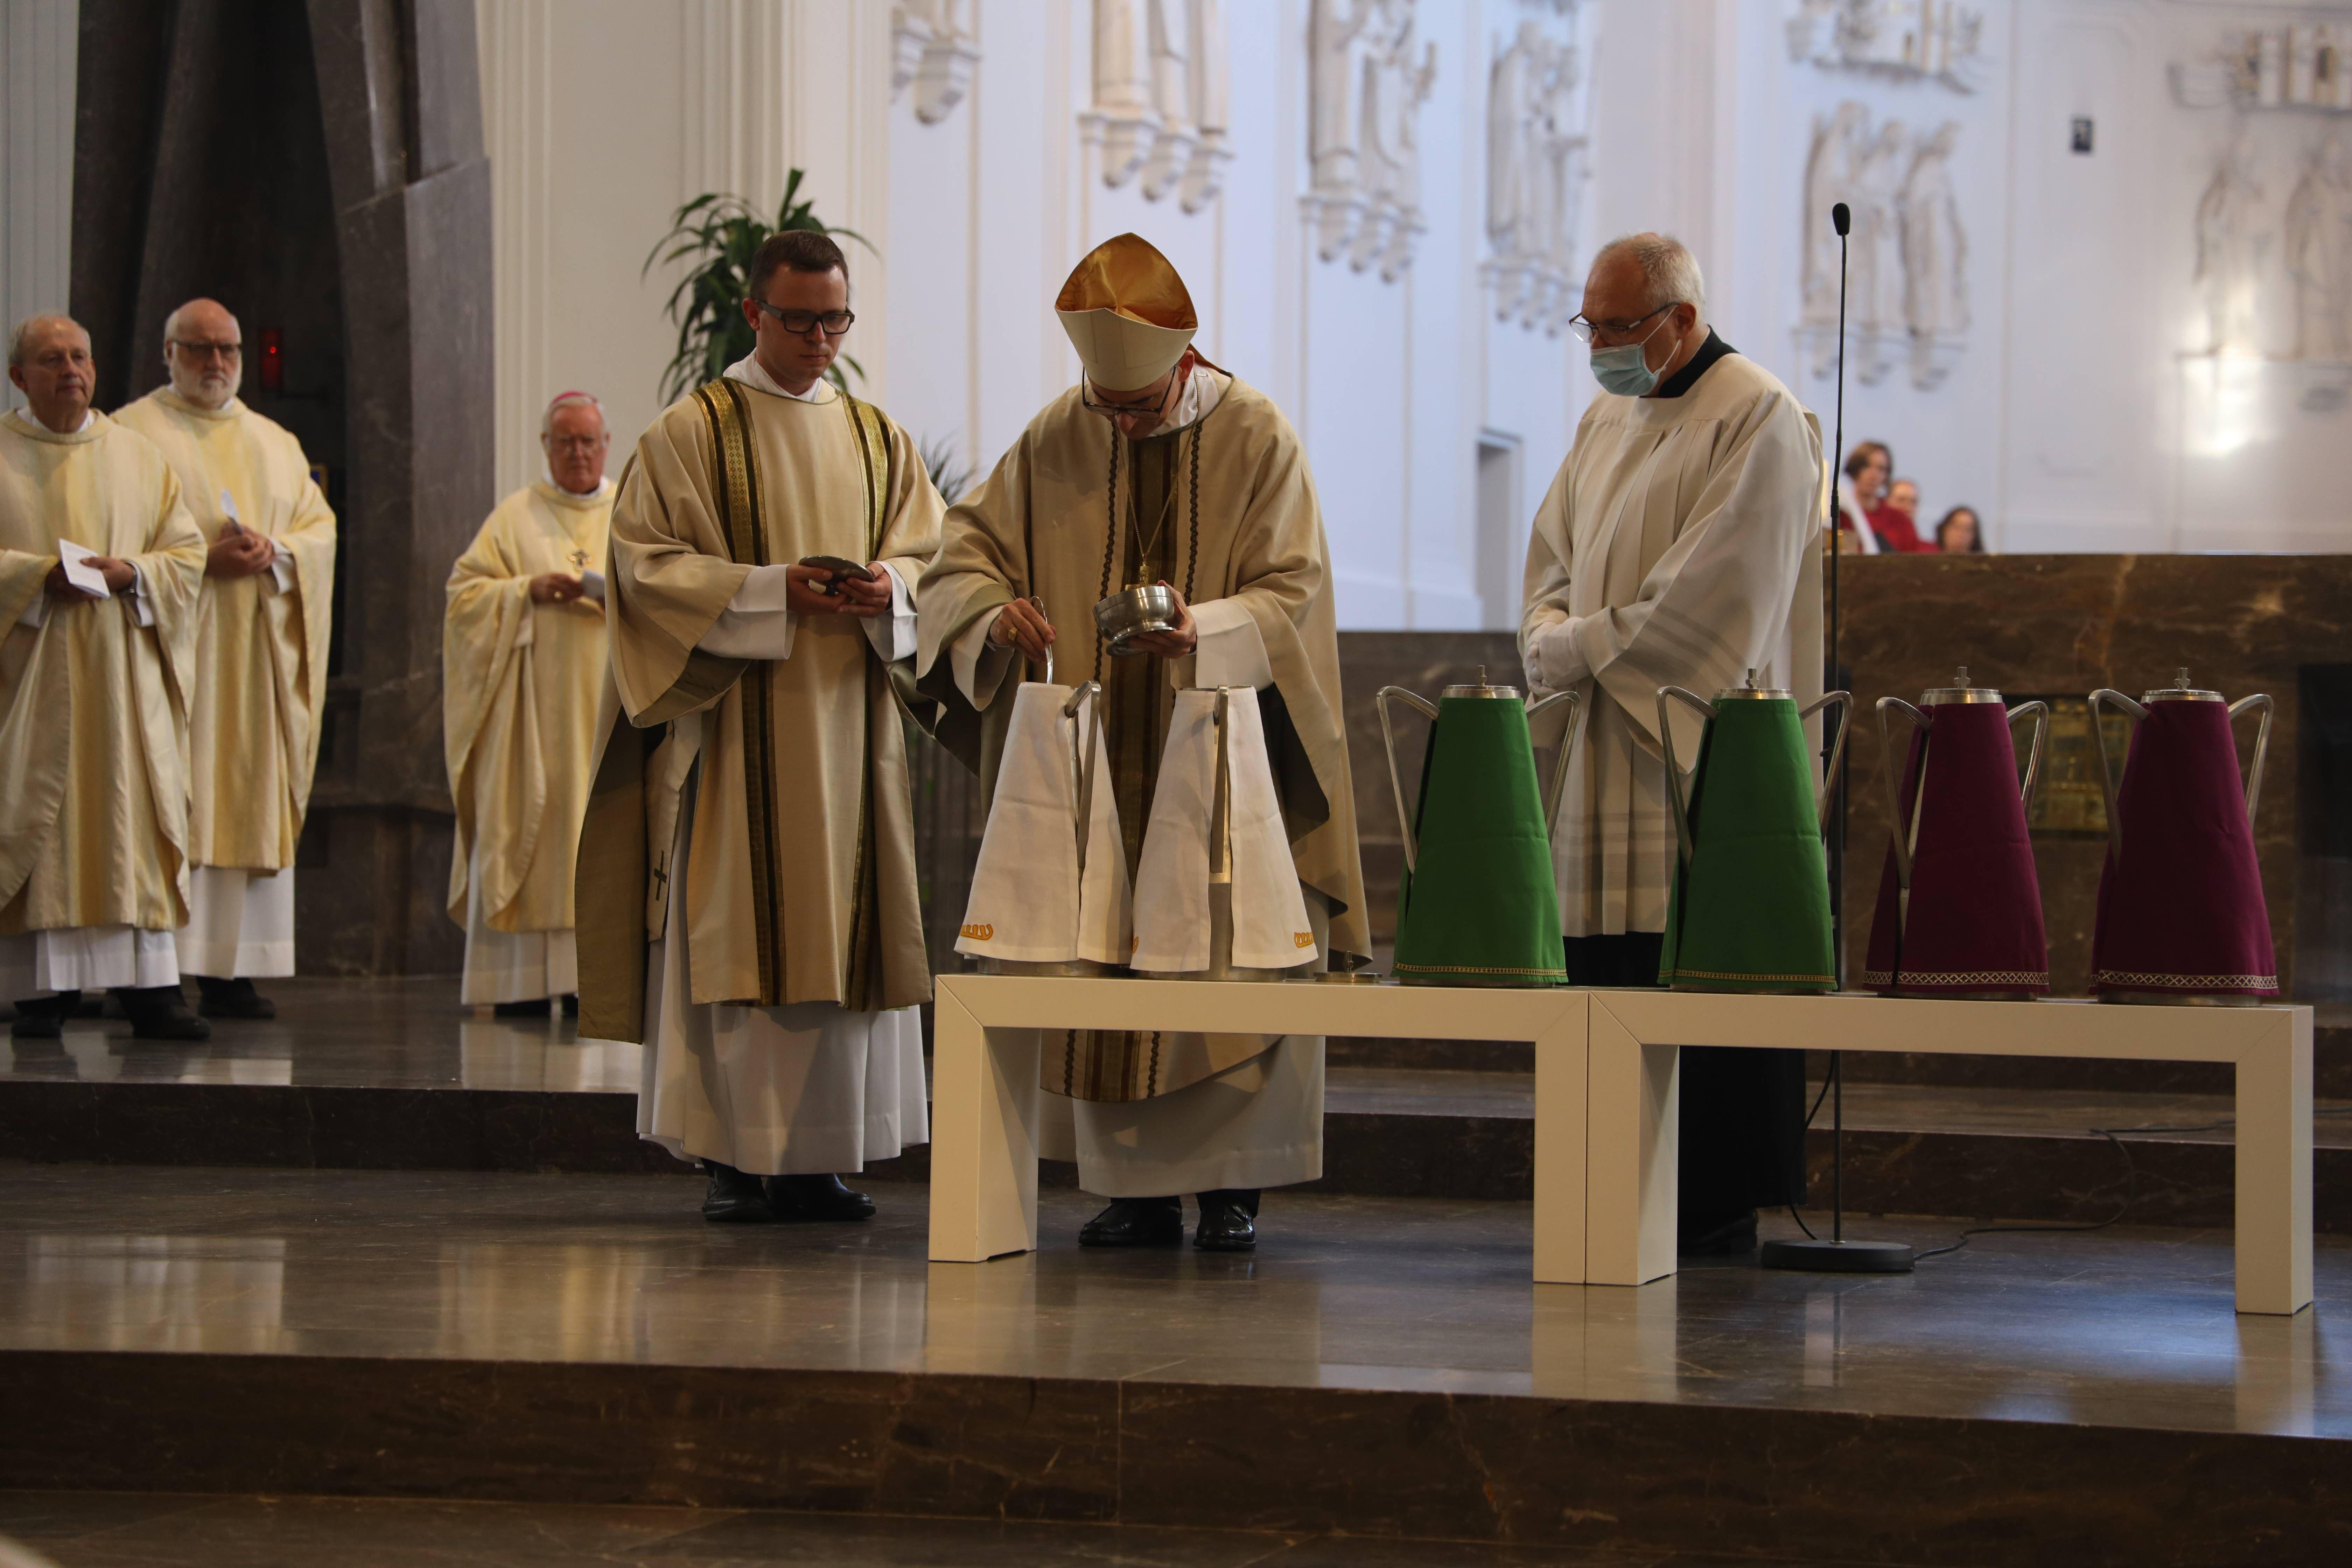 Bei der Missa Chrismatis im Würzburger Kiliansdom hat Bischof Dr. Franz Jung am Dienstag, 8. September, die Heiligen Öle für das Bistum Würzburg geweiht.